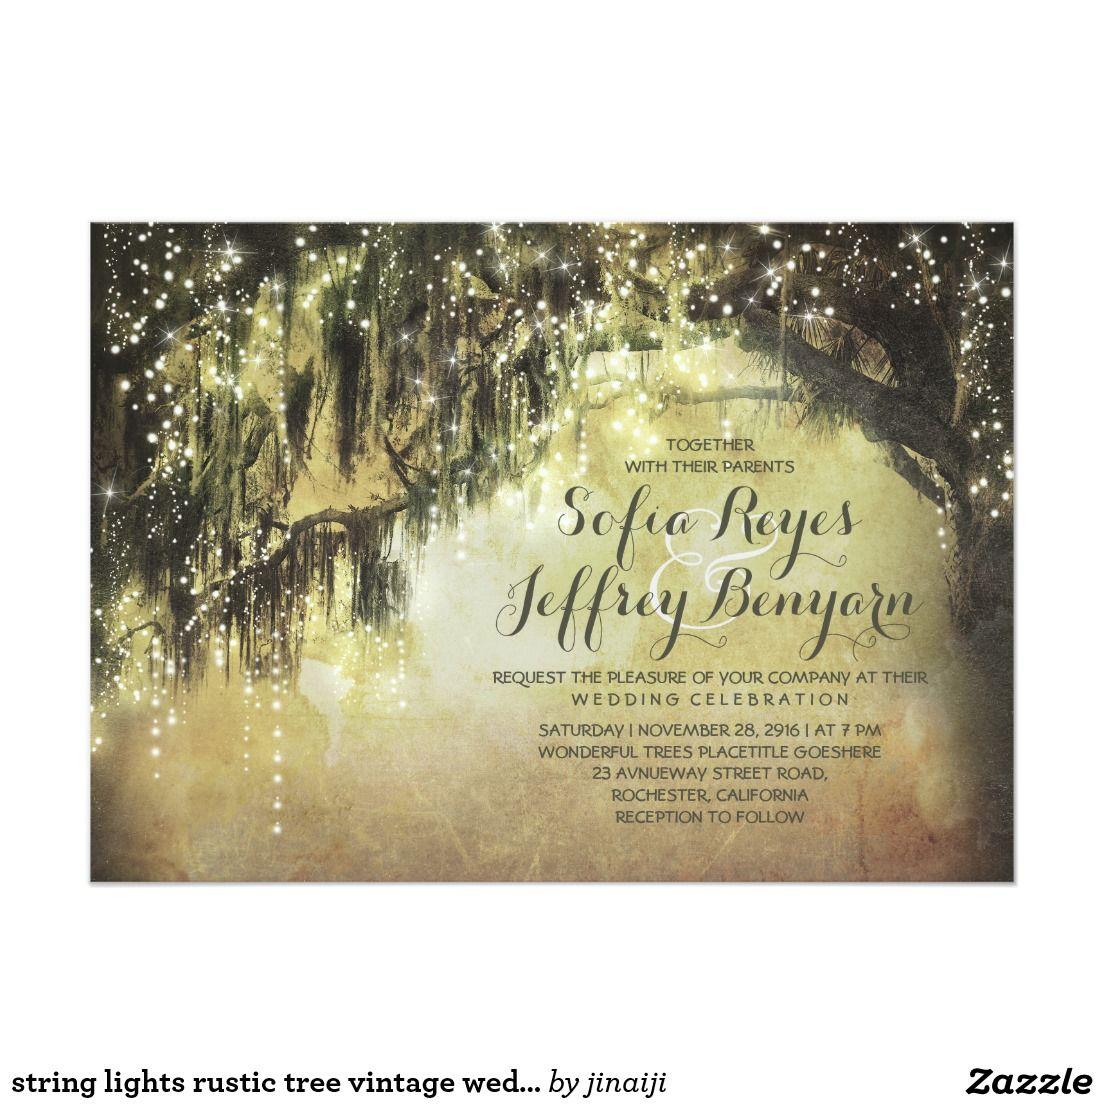 string lights rustic tree vintage wedding invites | Invitations ...